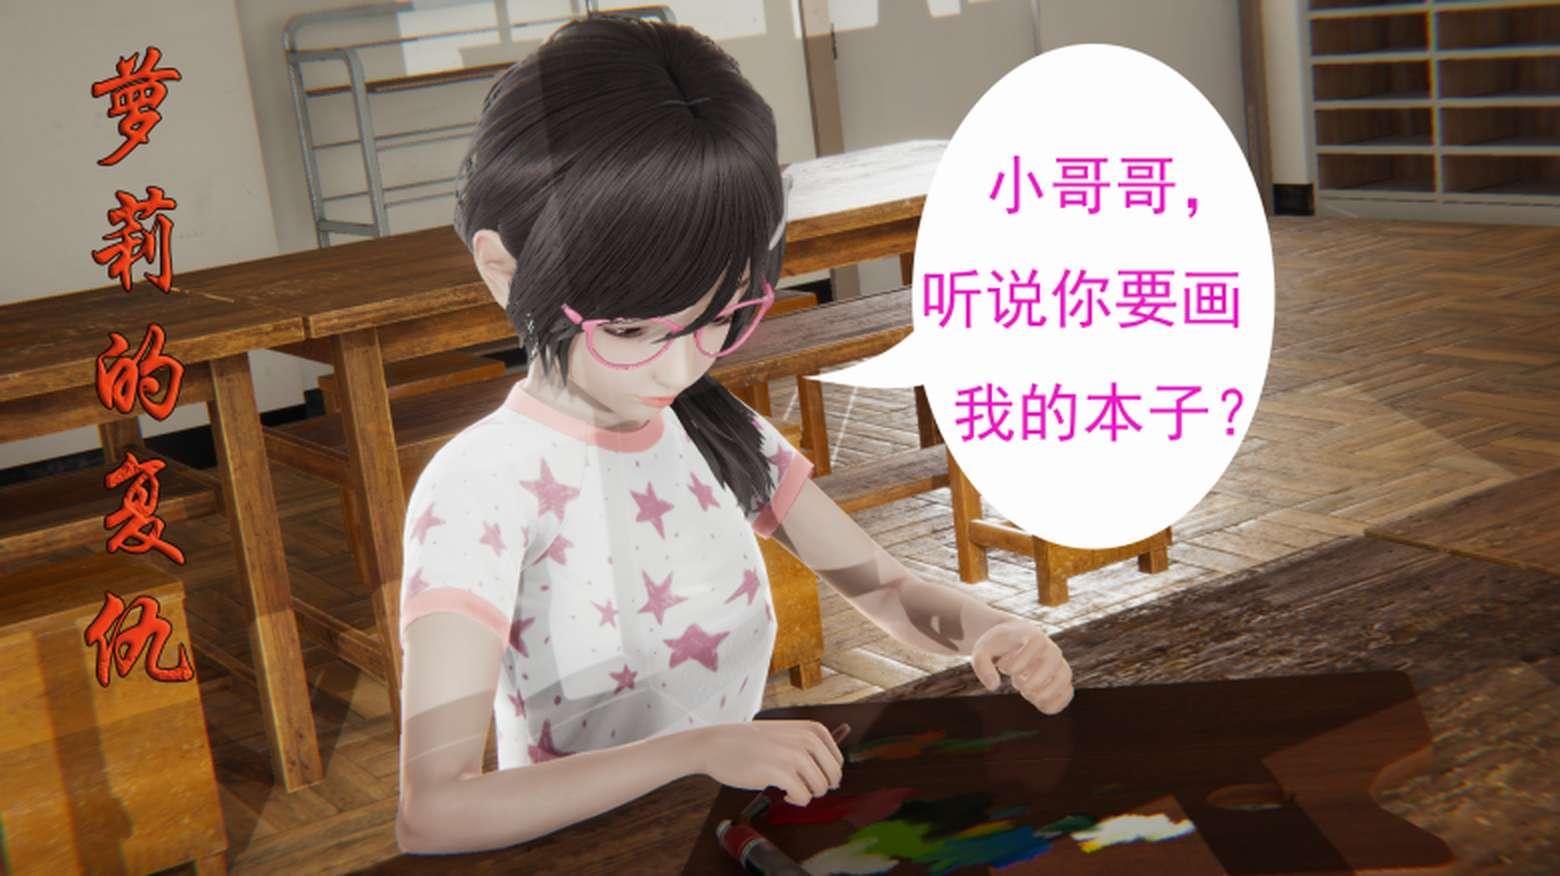 【漫画】发个漫画看看-小柚妹站